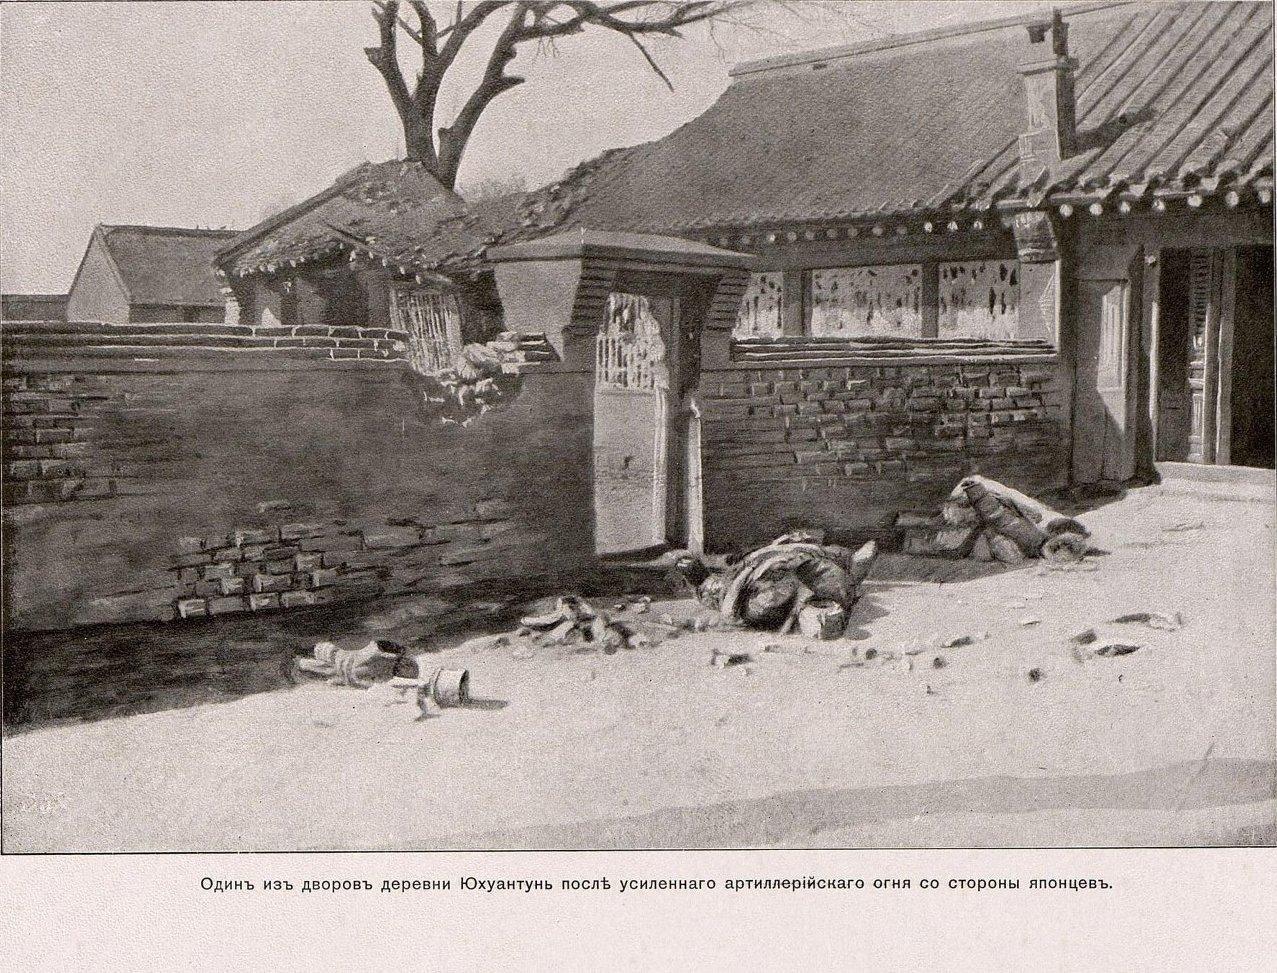 Один из дворов деревни Юхуантунь после усиленного артиллерийского огня со стороны японцев